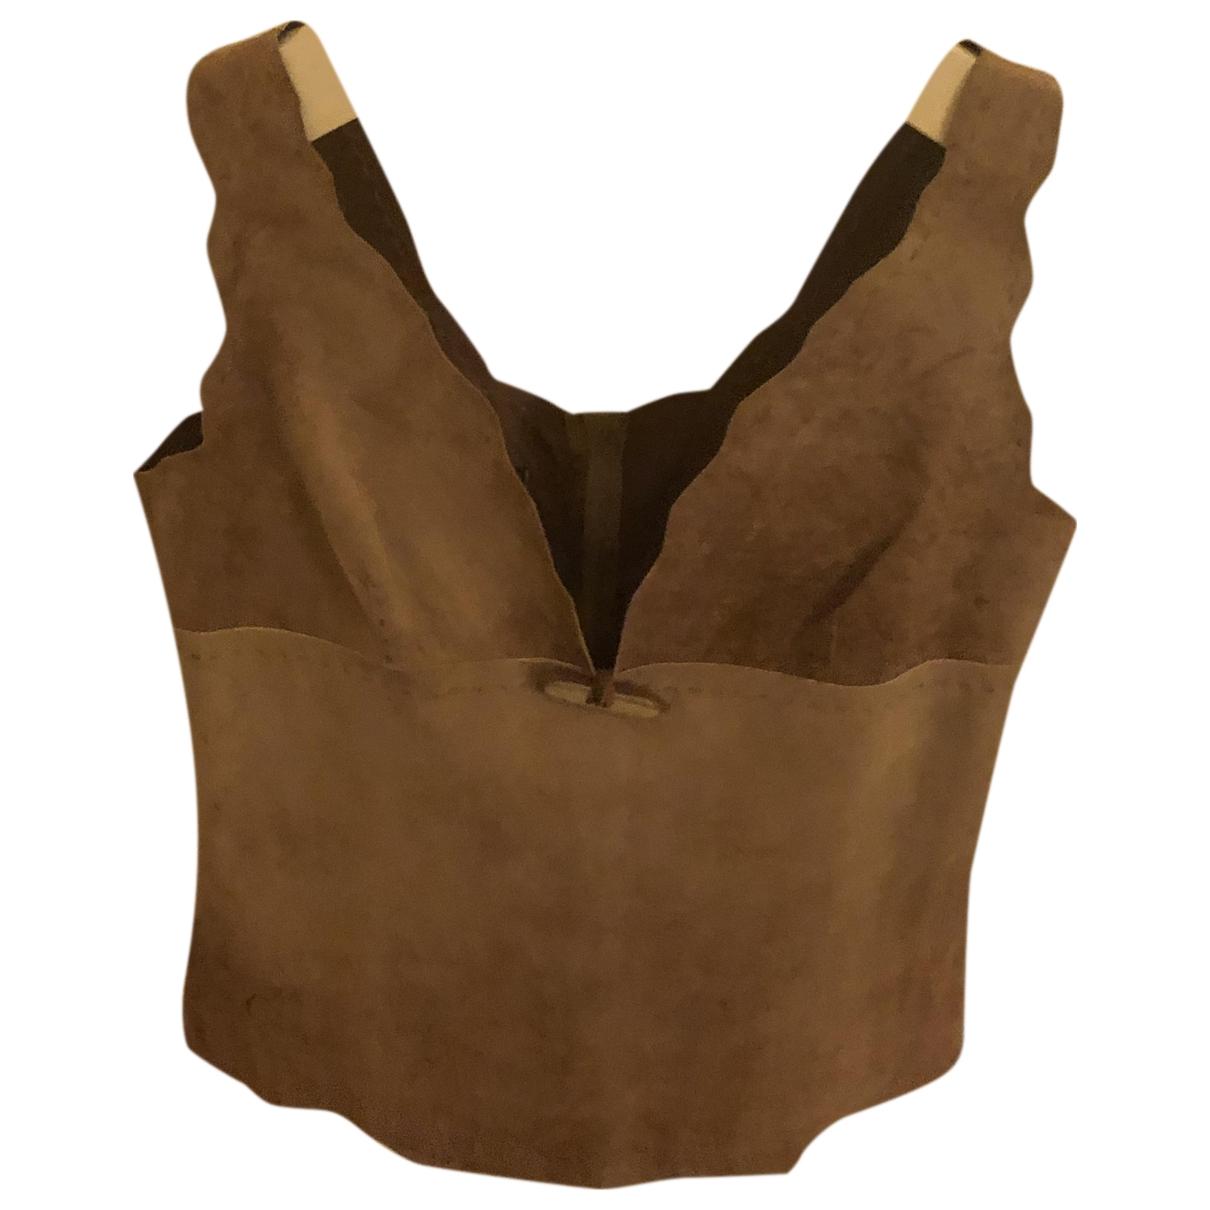 D&g \N Beige Suede Knitwear for Women 44 IT